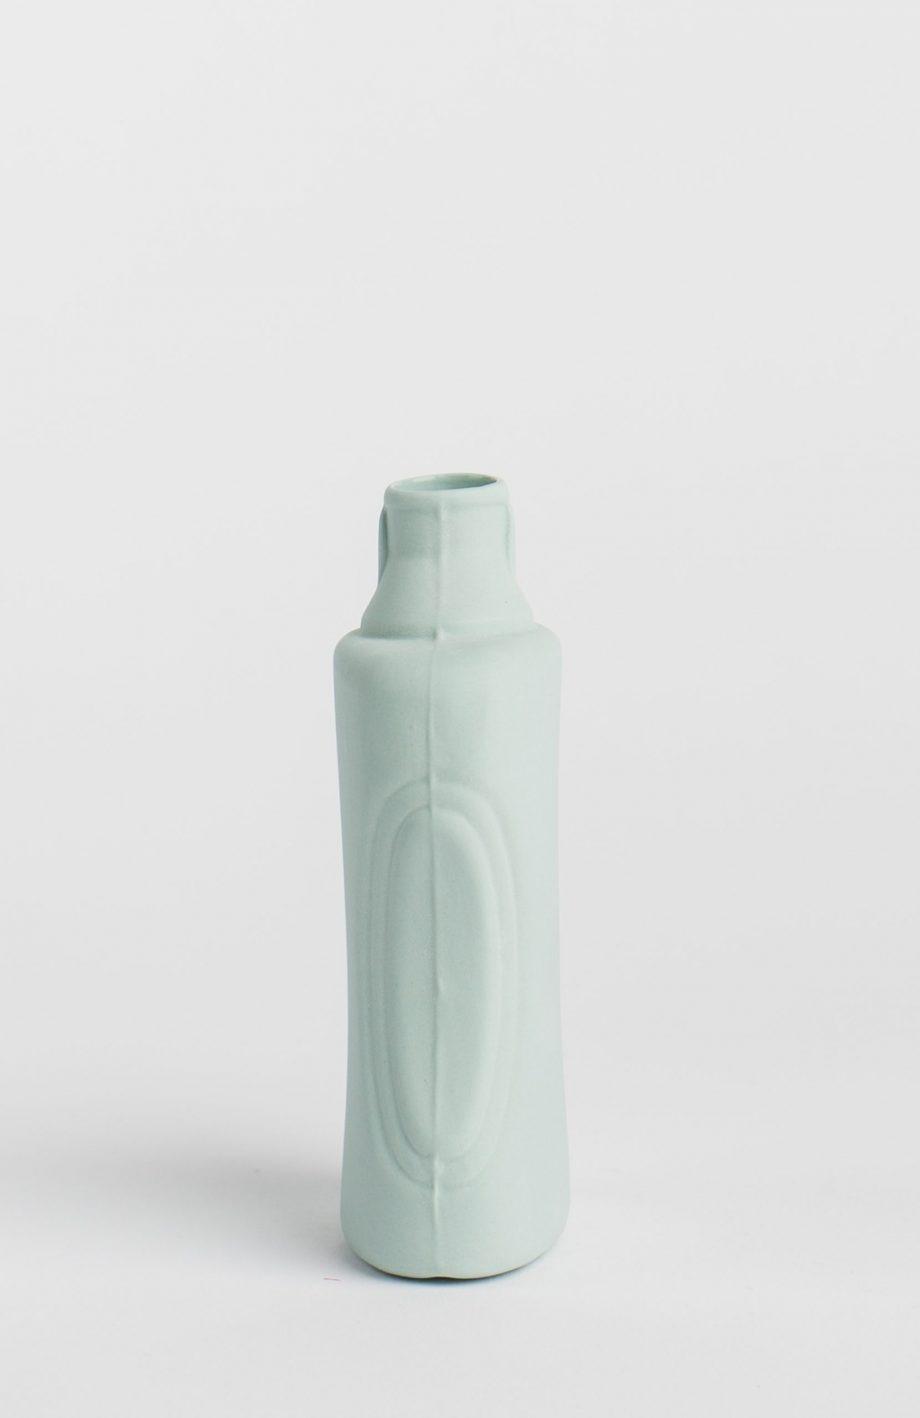 bottle vase #21 dusty mint